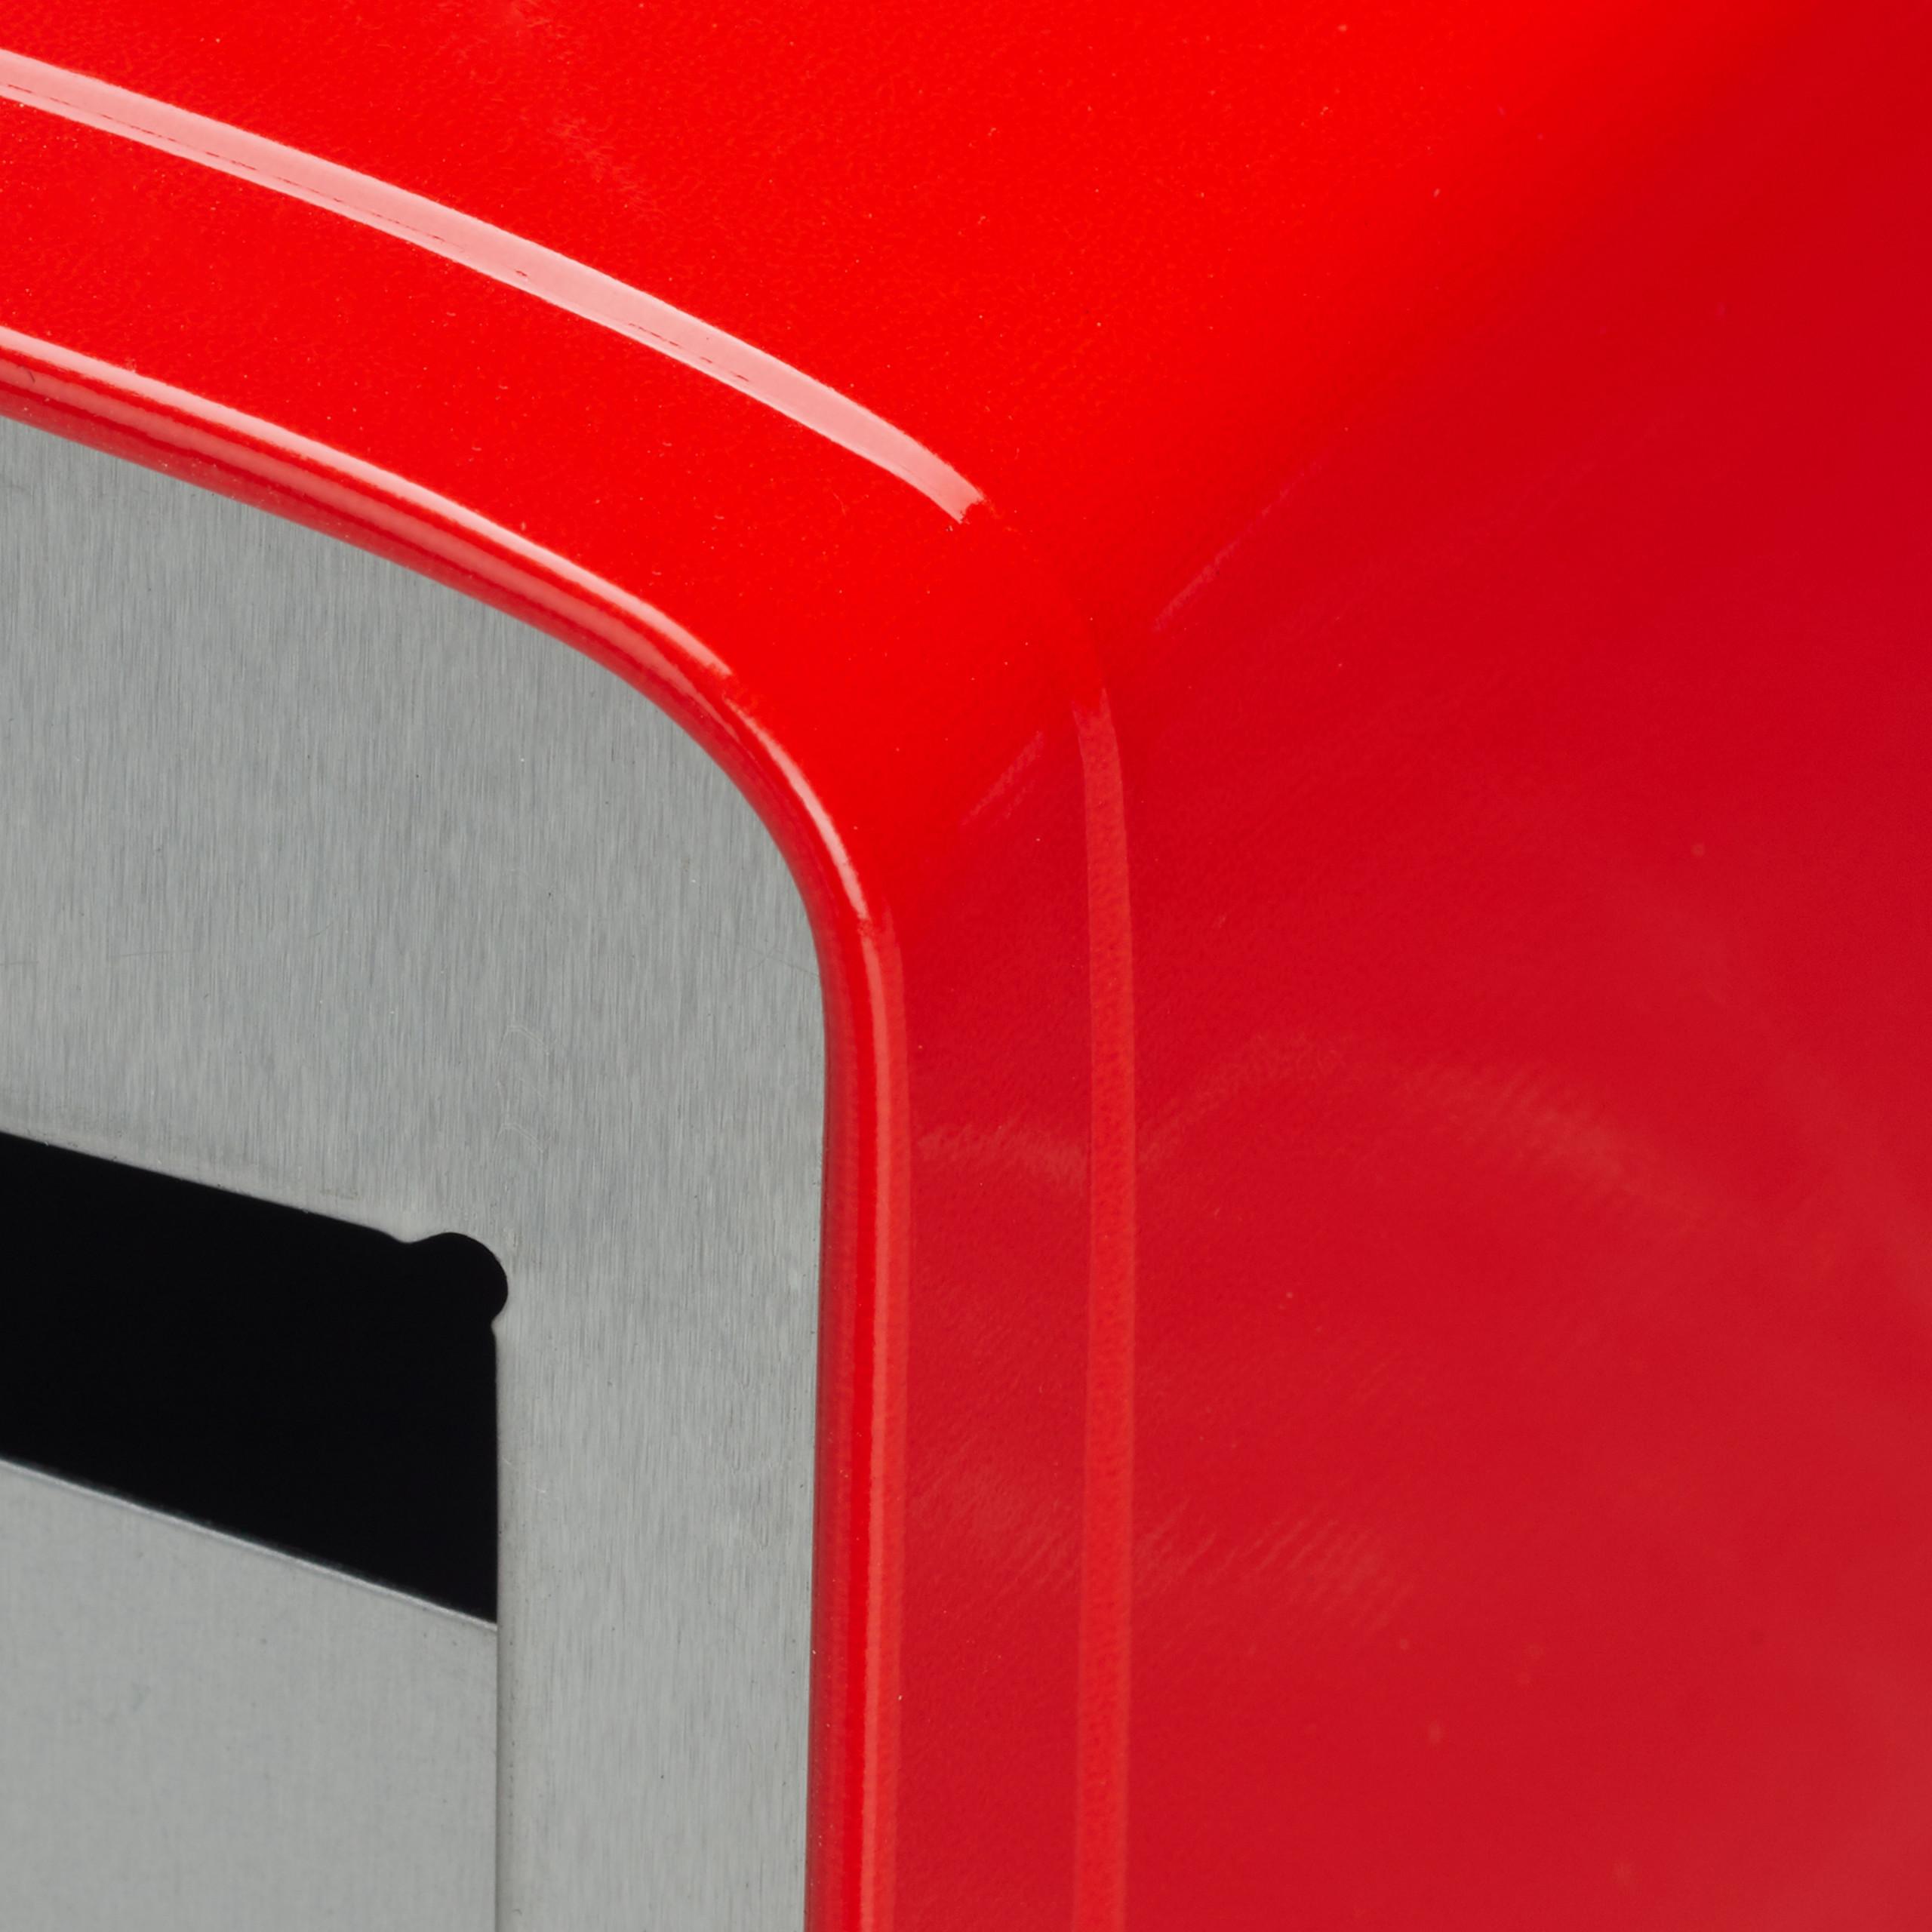 Napkin-Dispenser-Retro-American-Diner-Serviette-Holder-Restaurant thumbnail 10